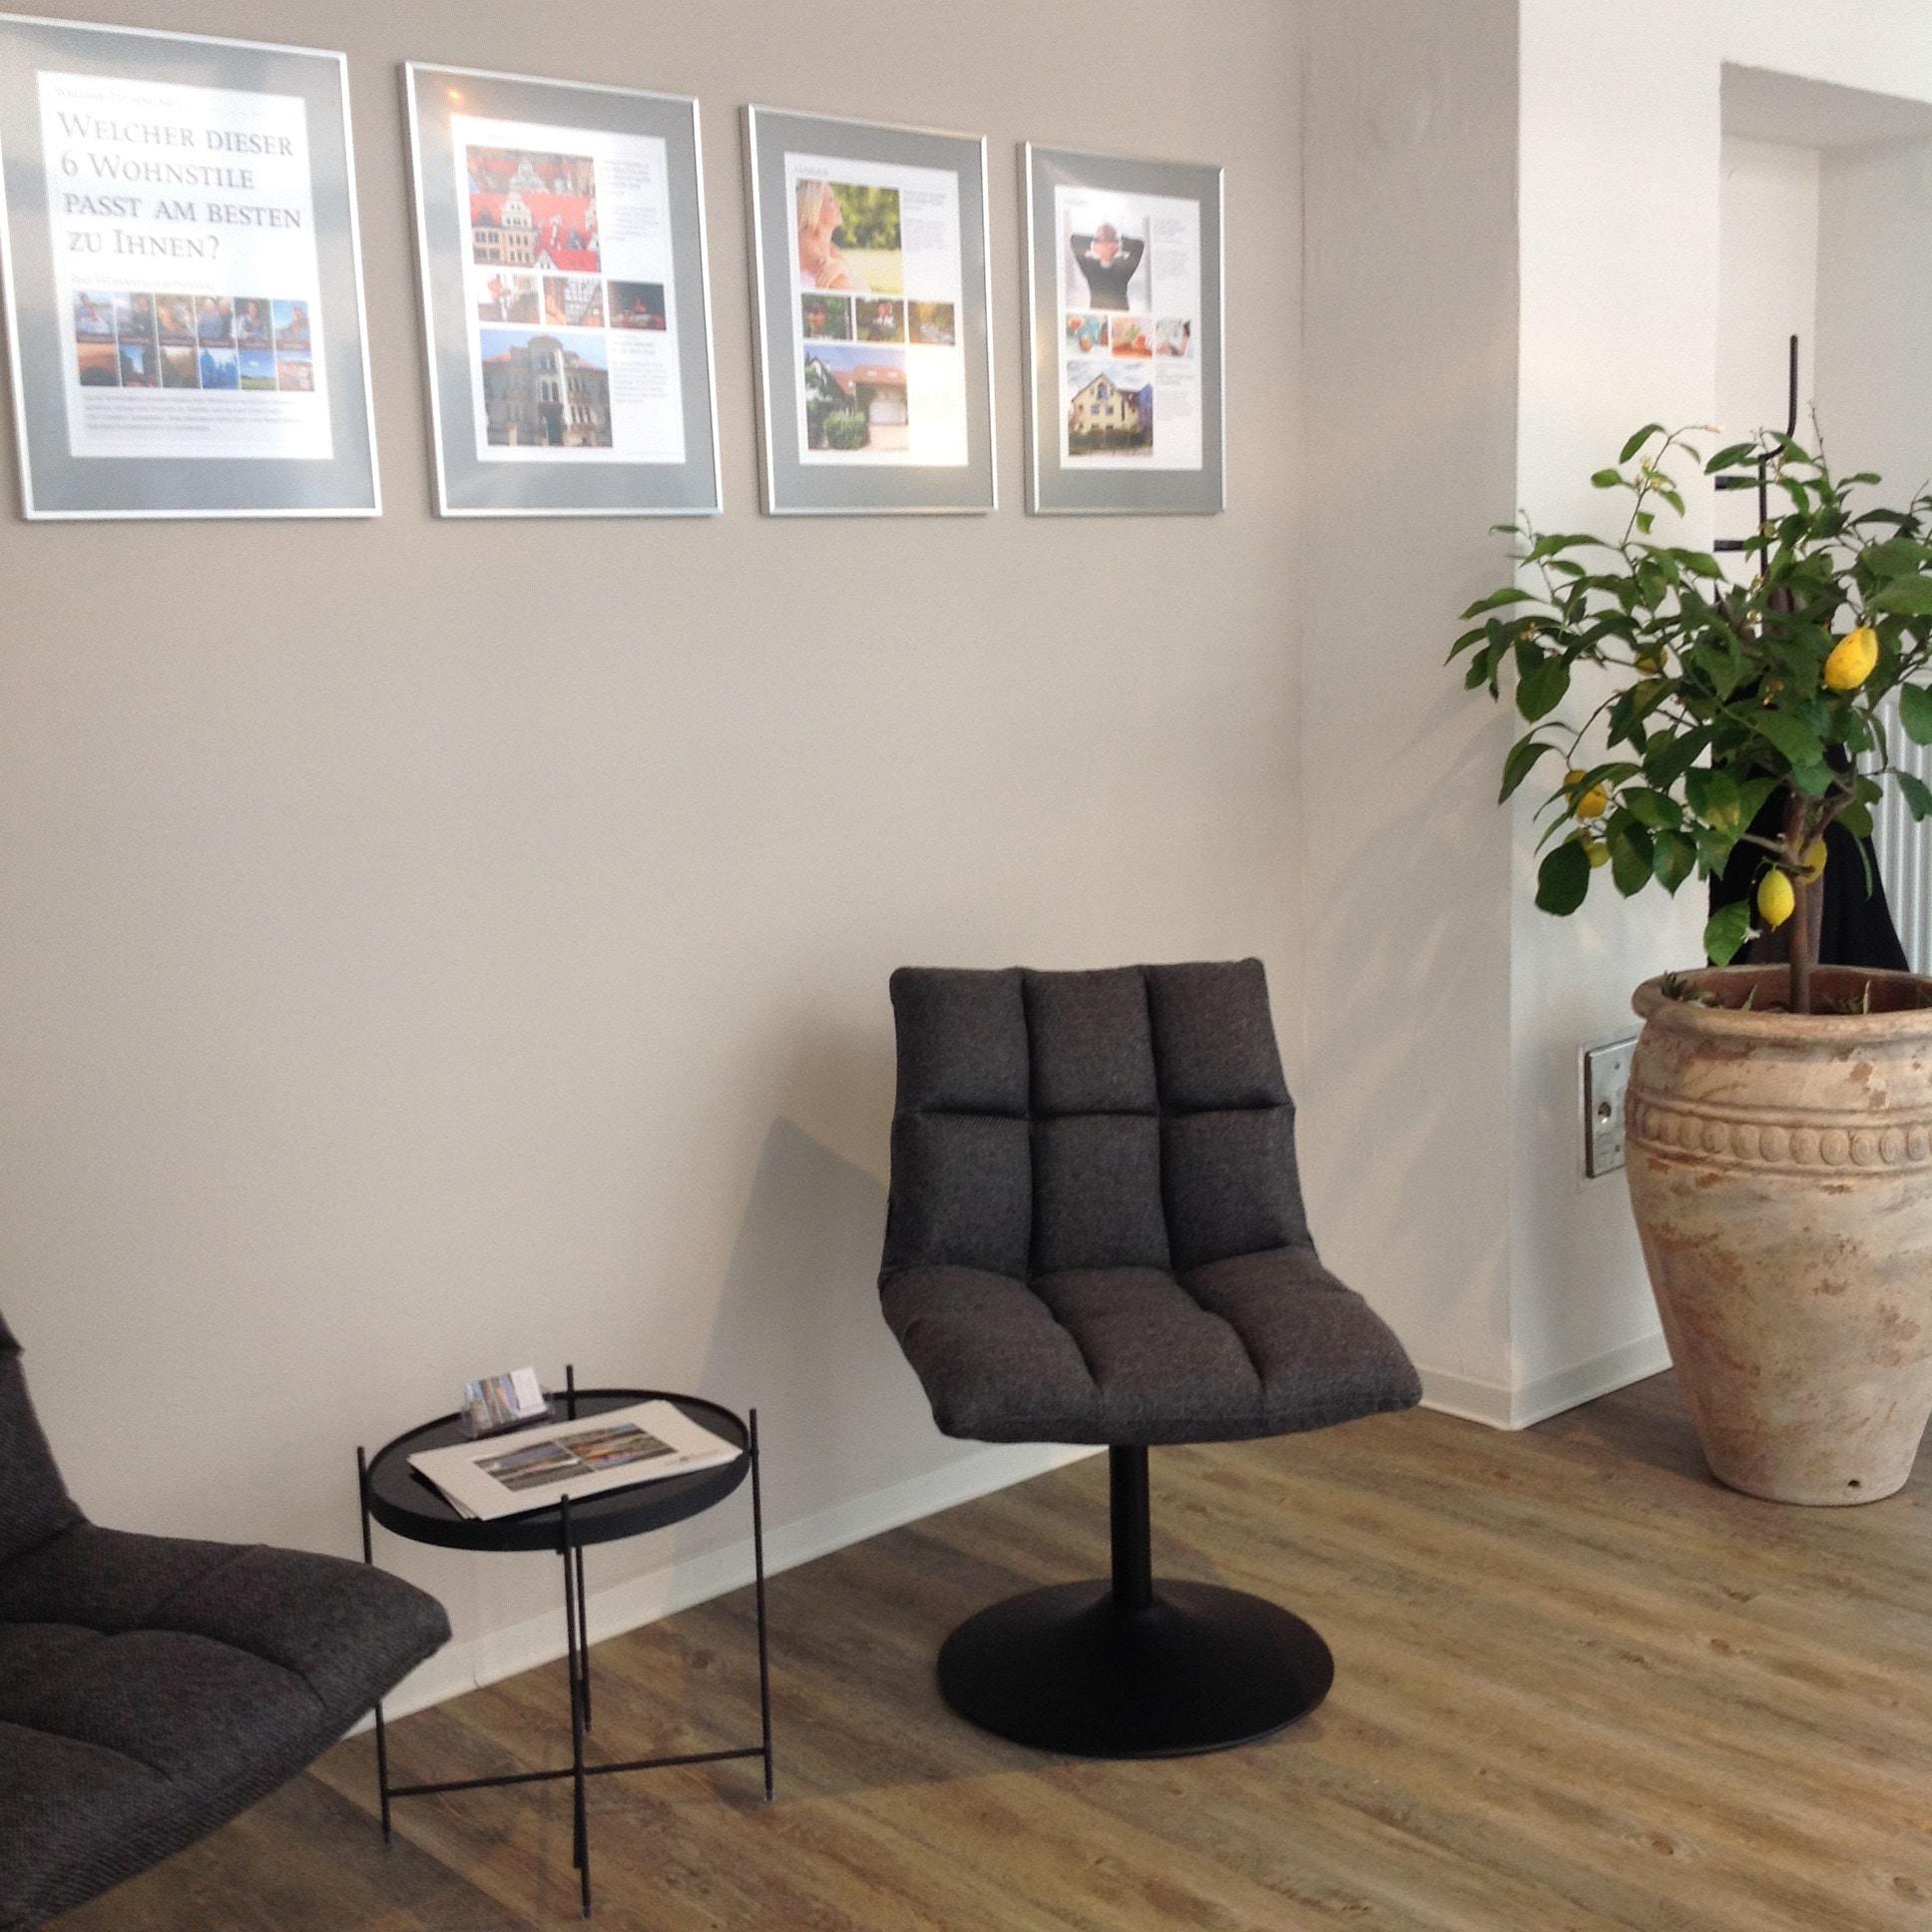 Sitzmöbel - Büroeinneneinrichtung Mannheim, Heidelberg - Gaffga Interieur Design. Planung und Ausführung - Lichtplanung - Möbel auf Maß.